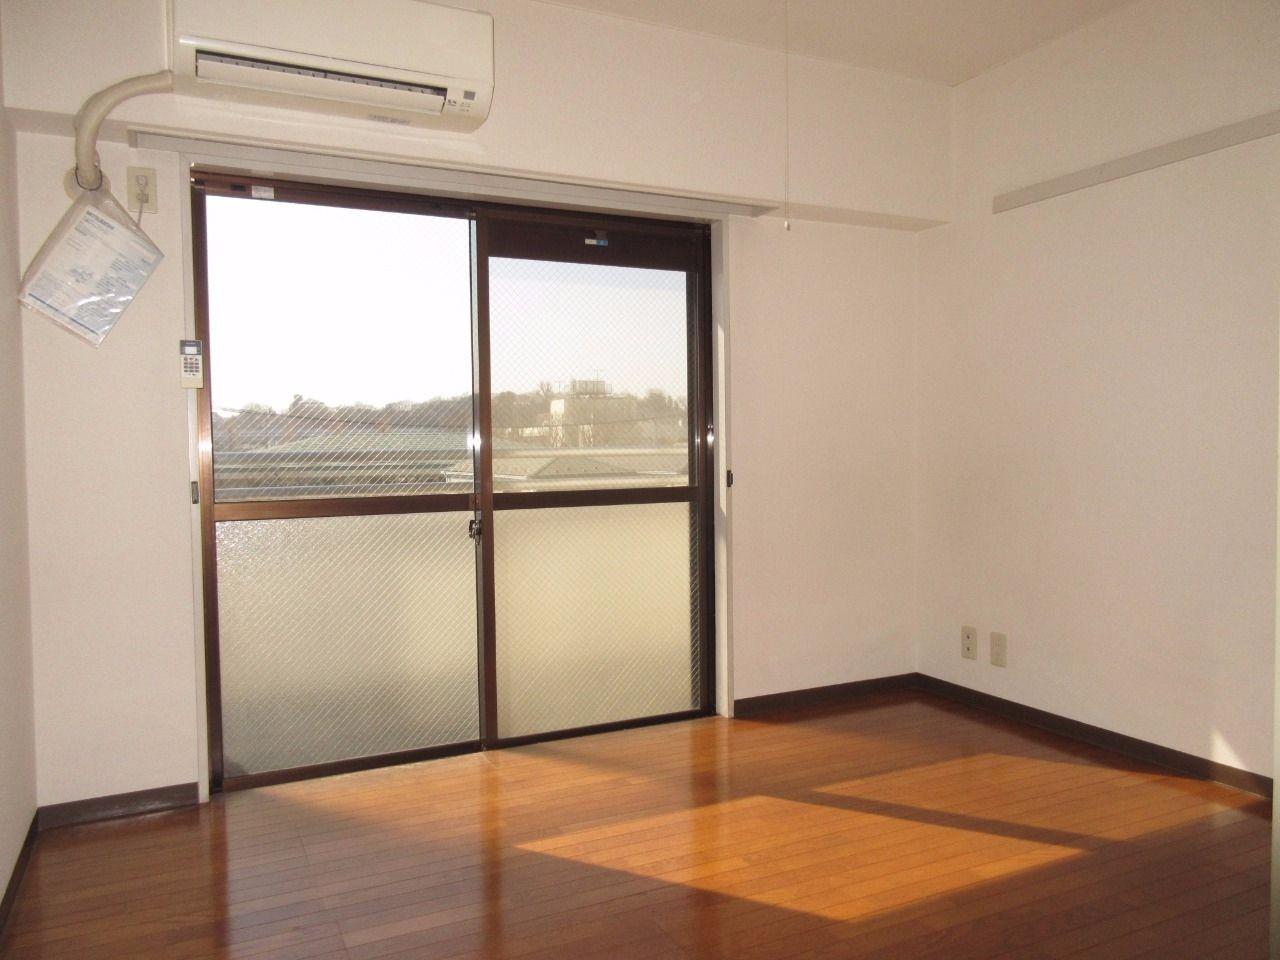 一つの部屋として使用するのも良いですが、扉を開けてDKとしても使えます